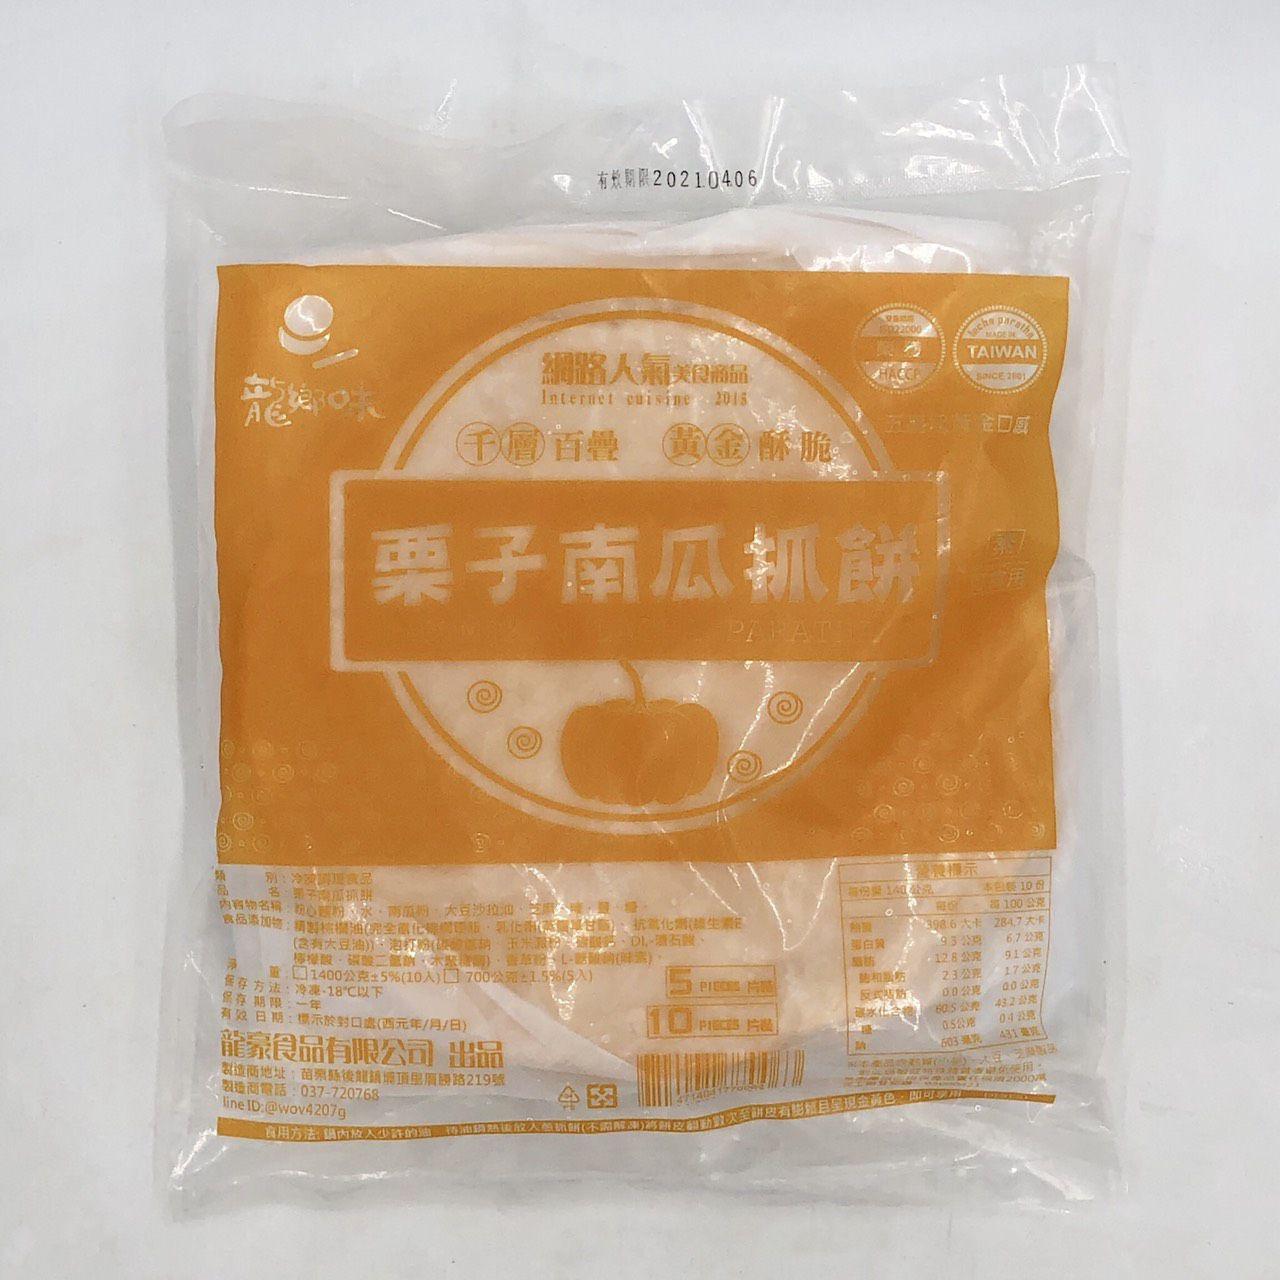 (龍鄉味/龍豪)栗子南瓜抓餅/10入(全素)